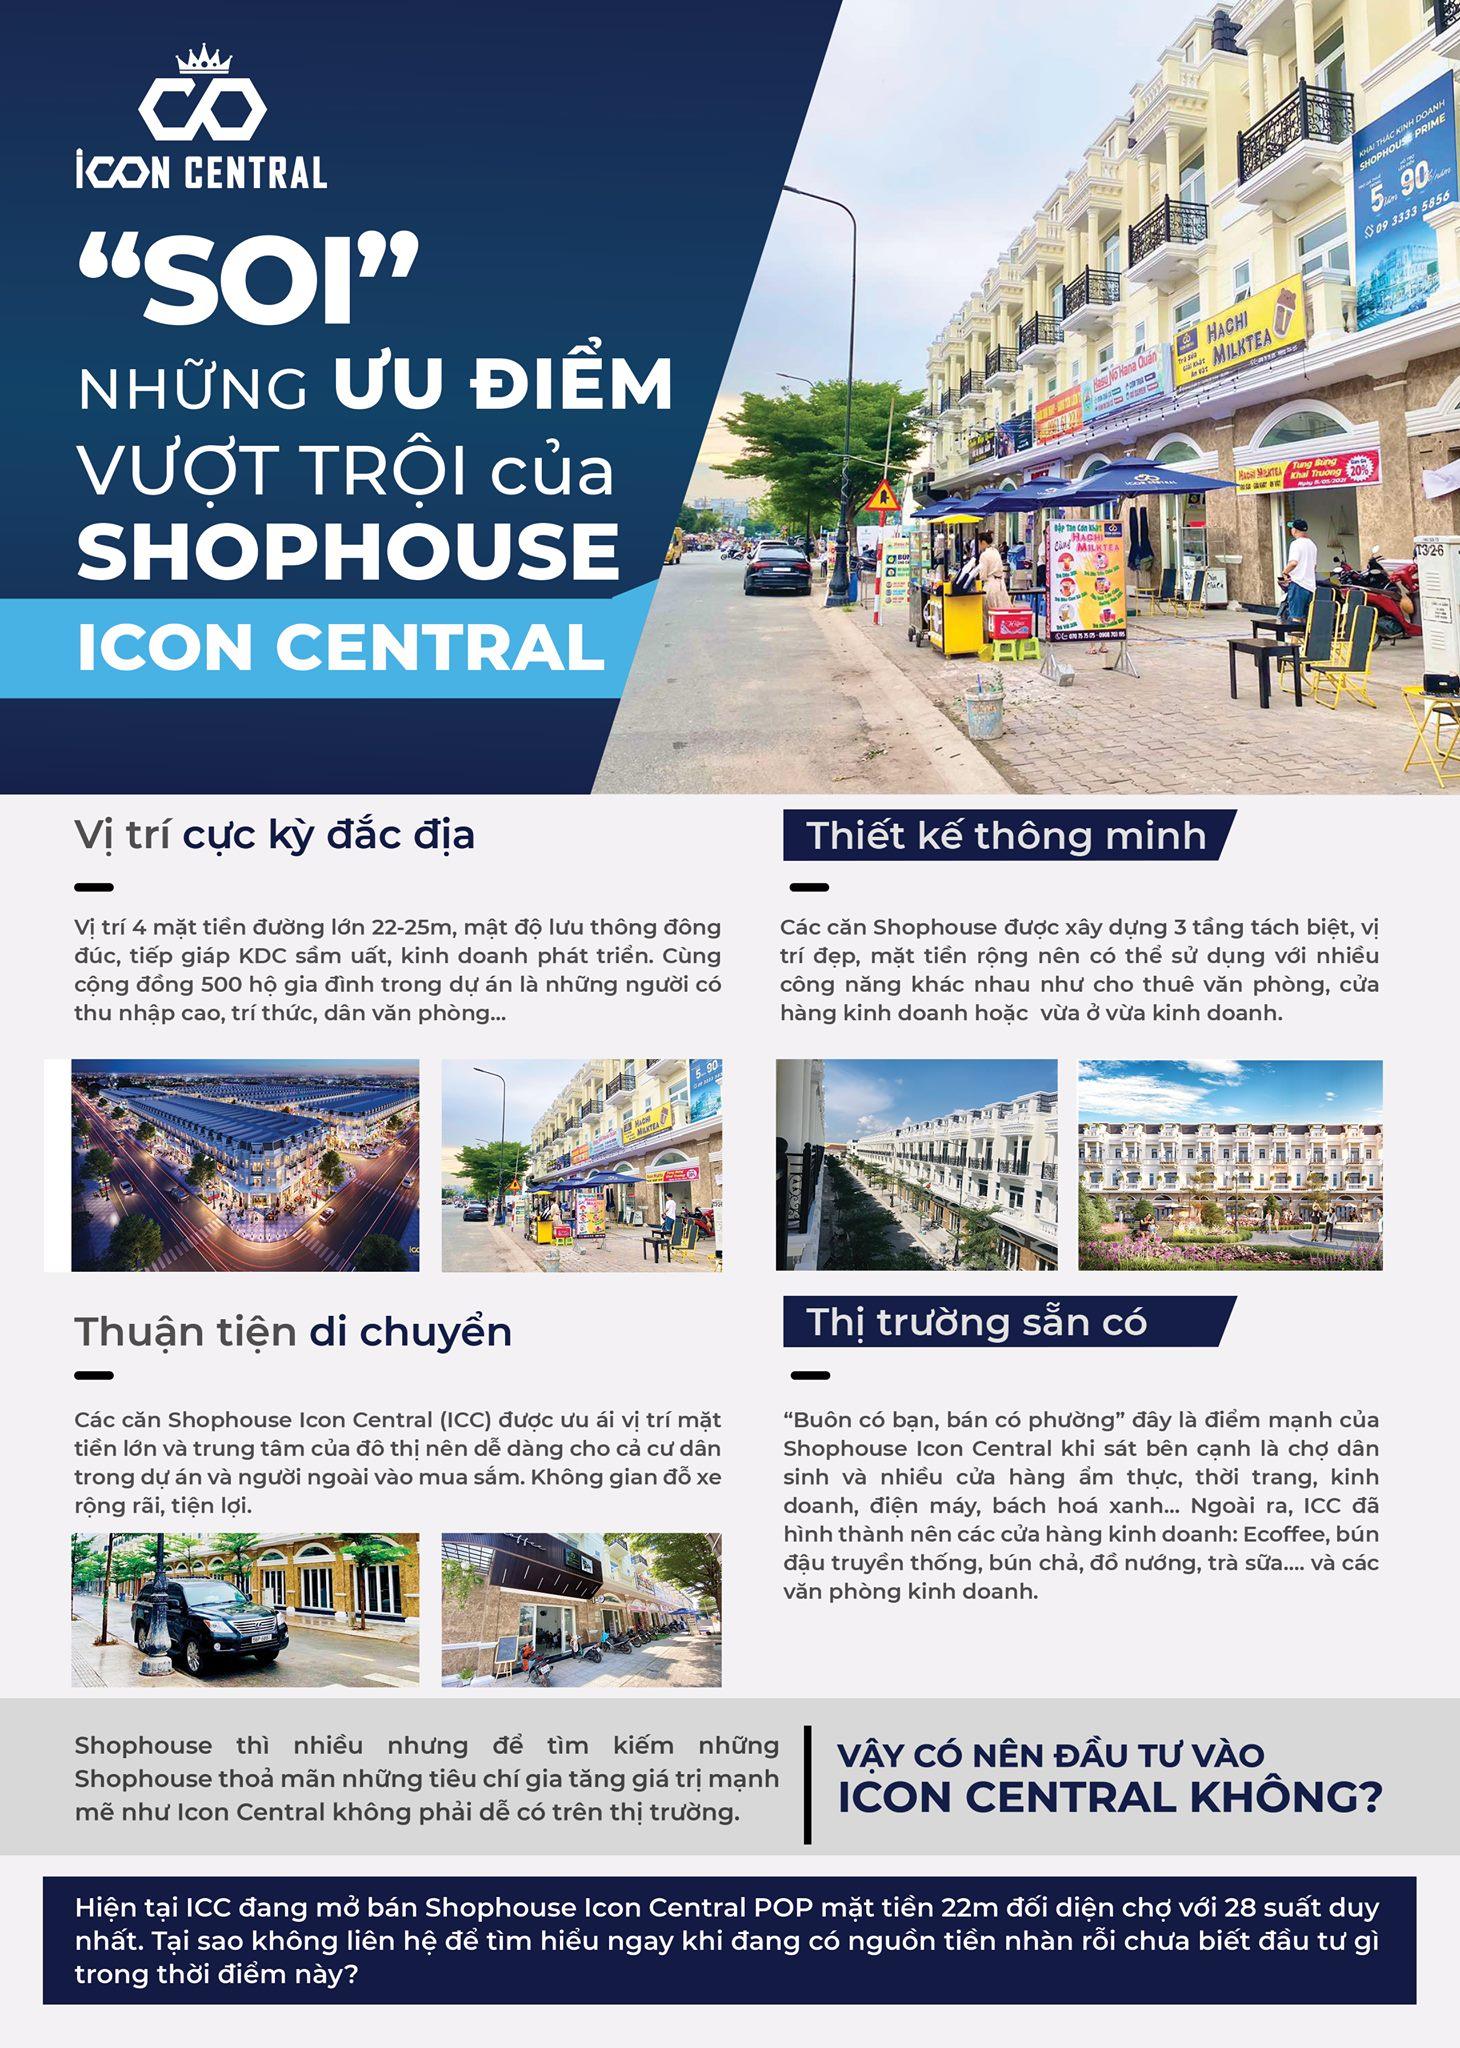 Chuyển nhượng shophouse đất nền Icon Central 8